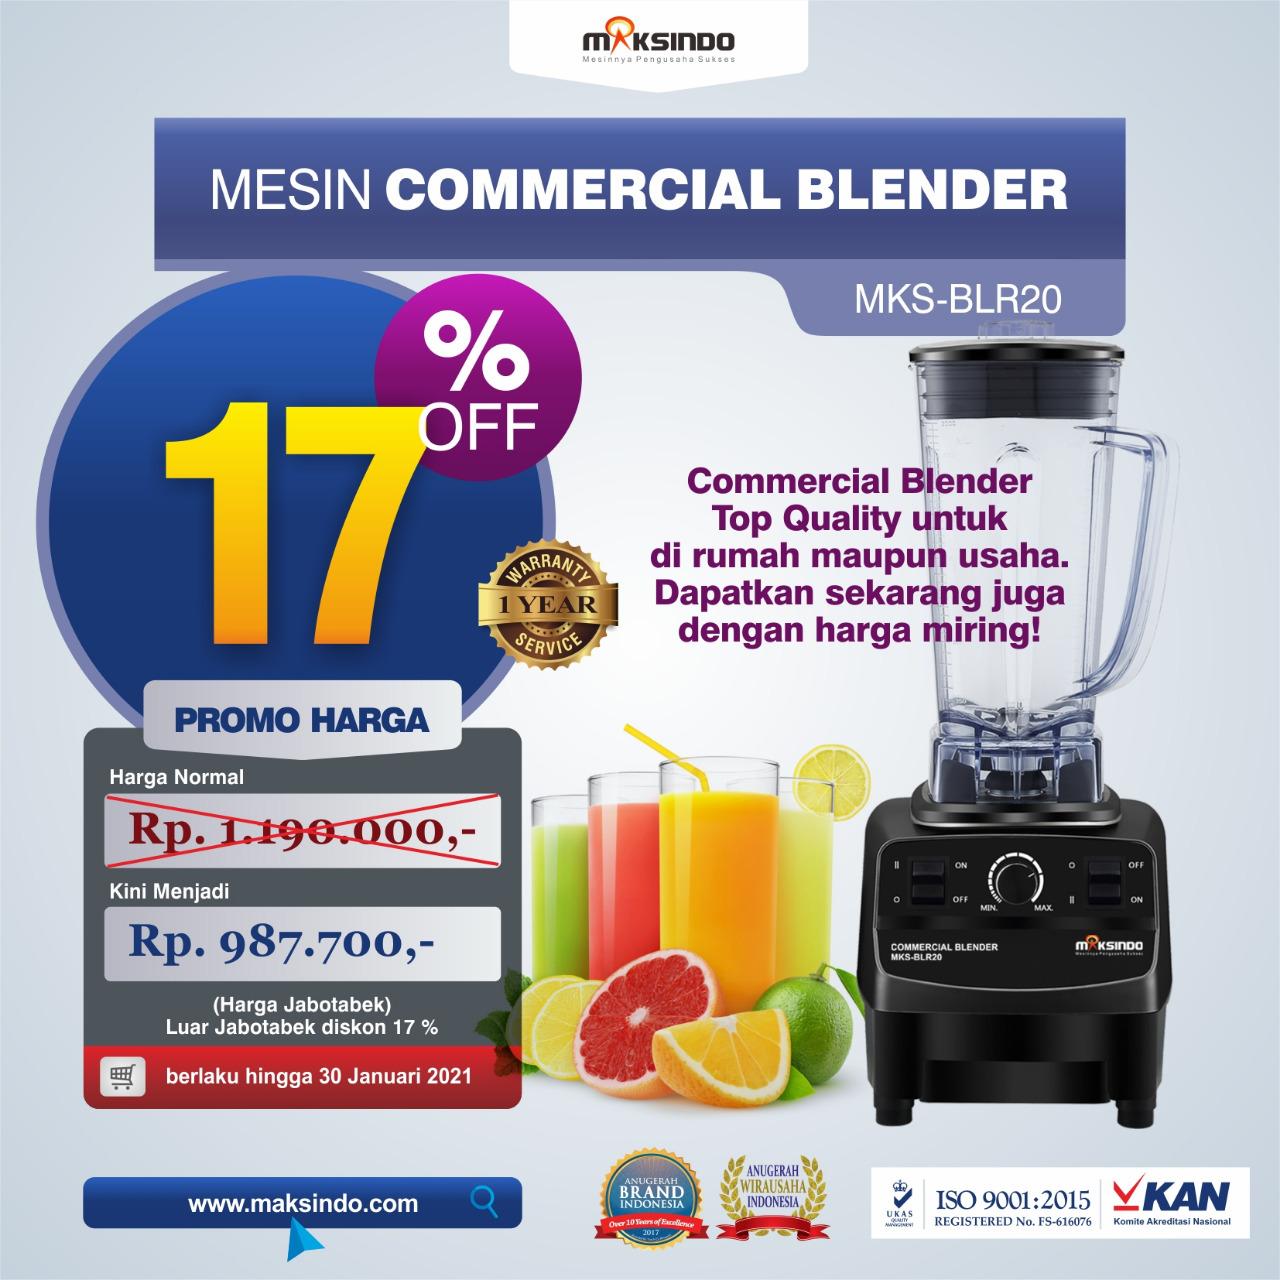 Jual Commercial BlenderMKS-BLR20 di Medan